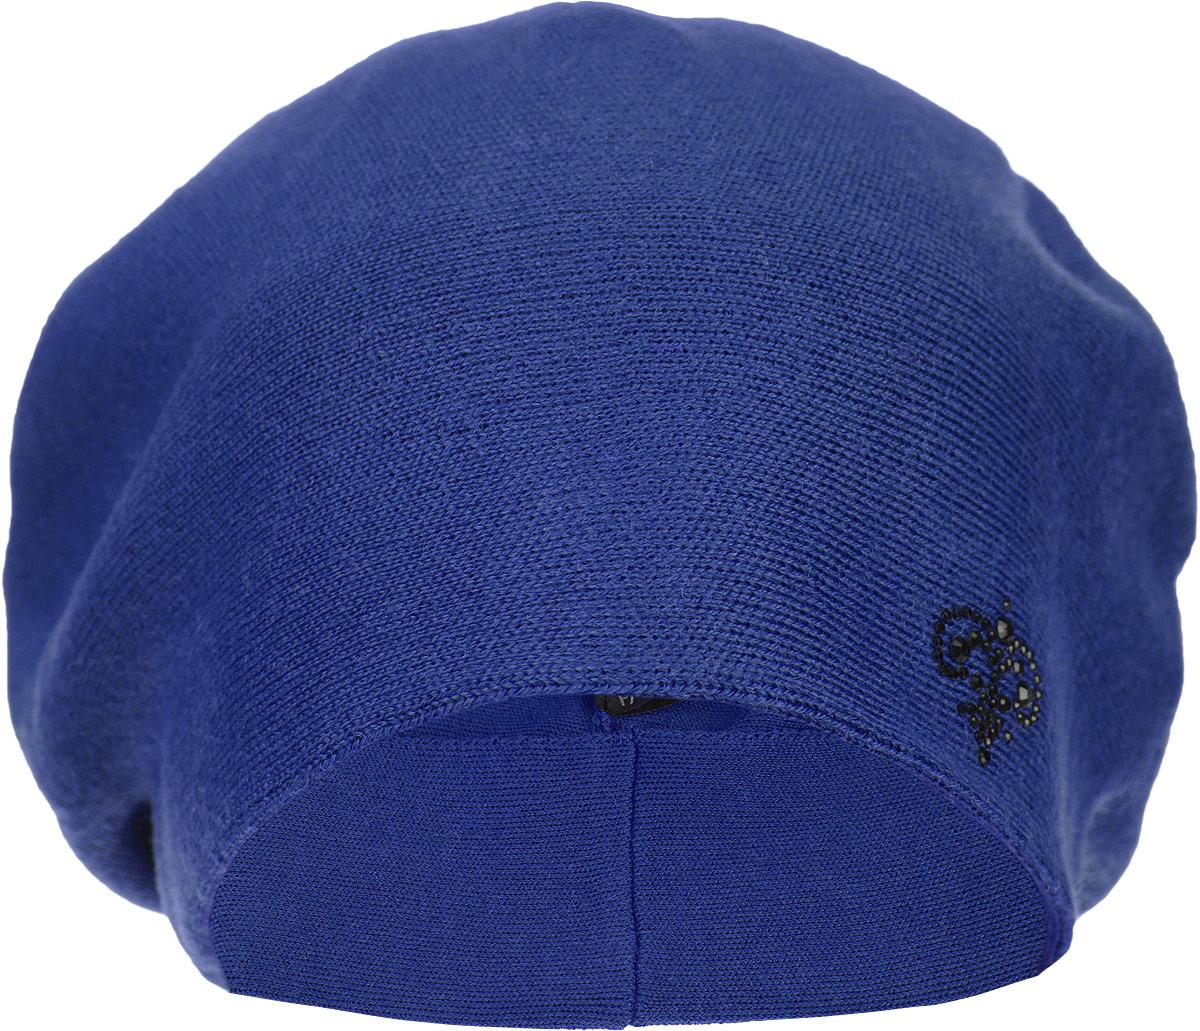 Шапка женская. F2015-9F2015-9-1Стильная женская шапка Fabretti дополнит ваш наряд и не позволит вам замерзнуть в холодное время года. Шапка выполнена из высококачественной комбинированной пряжи, что позволяет ей великолепно сохранять тепло и обеспечивает высокую эластичность и удобство посадки. Шапка украшена небольшим узором спереди, выложенным блестящими стразами. Такая шапка станет модным и стильным дополнением вашего зимнего гардероба, великолепно подойдет для активного отдыха и занятия спортом. Она согреет вас и позволит вам подчеркнуть свою индивидуальность!